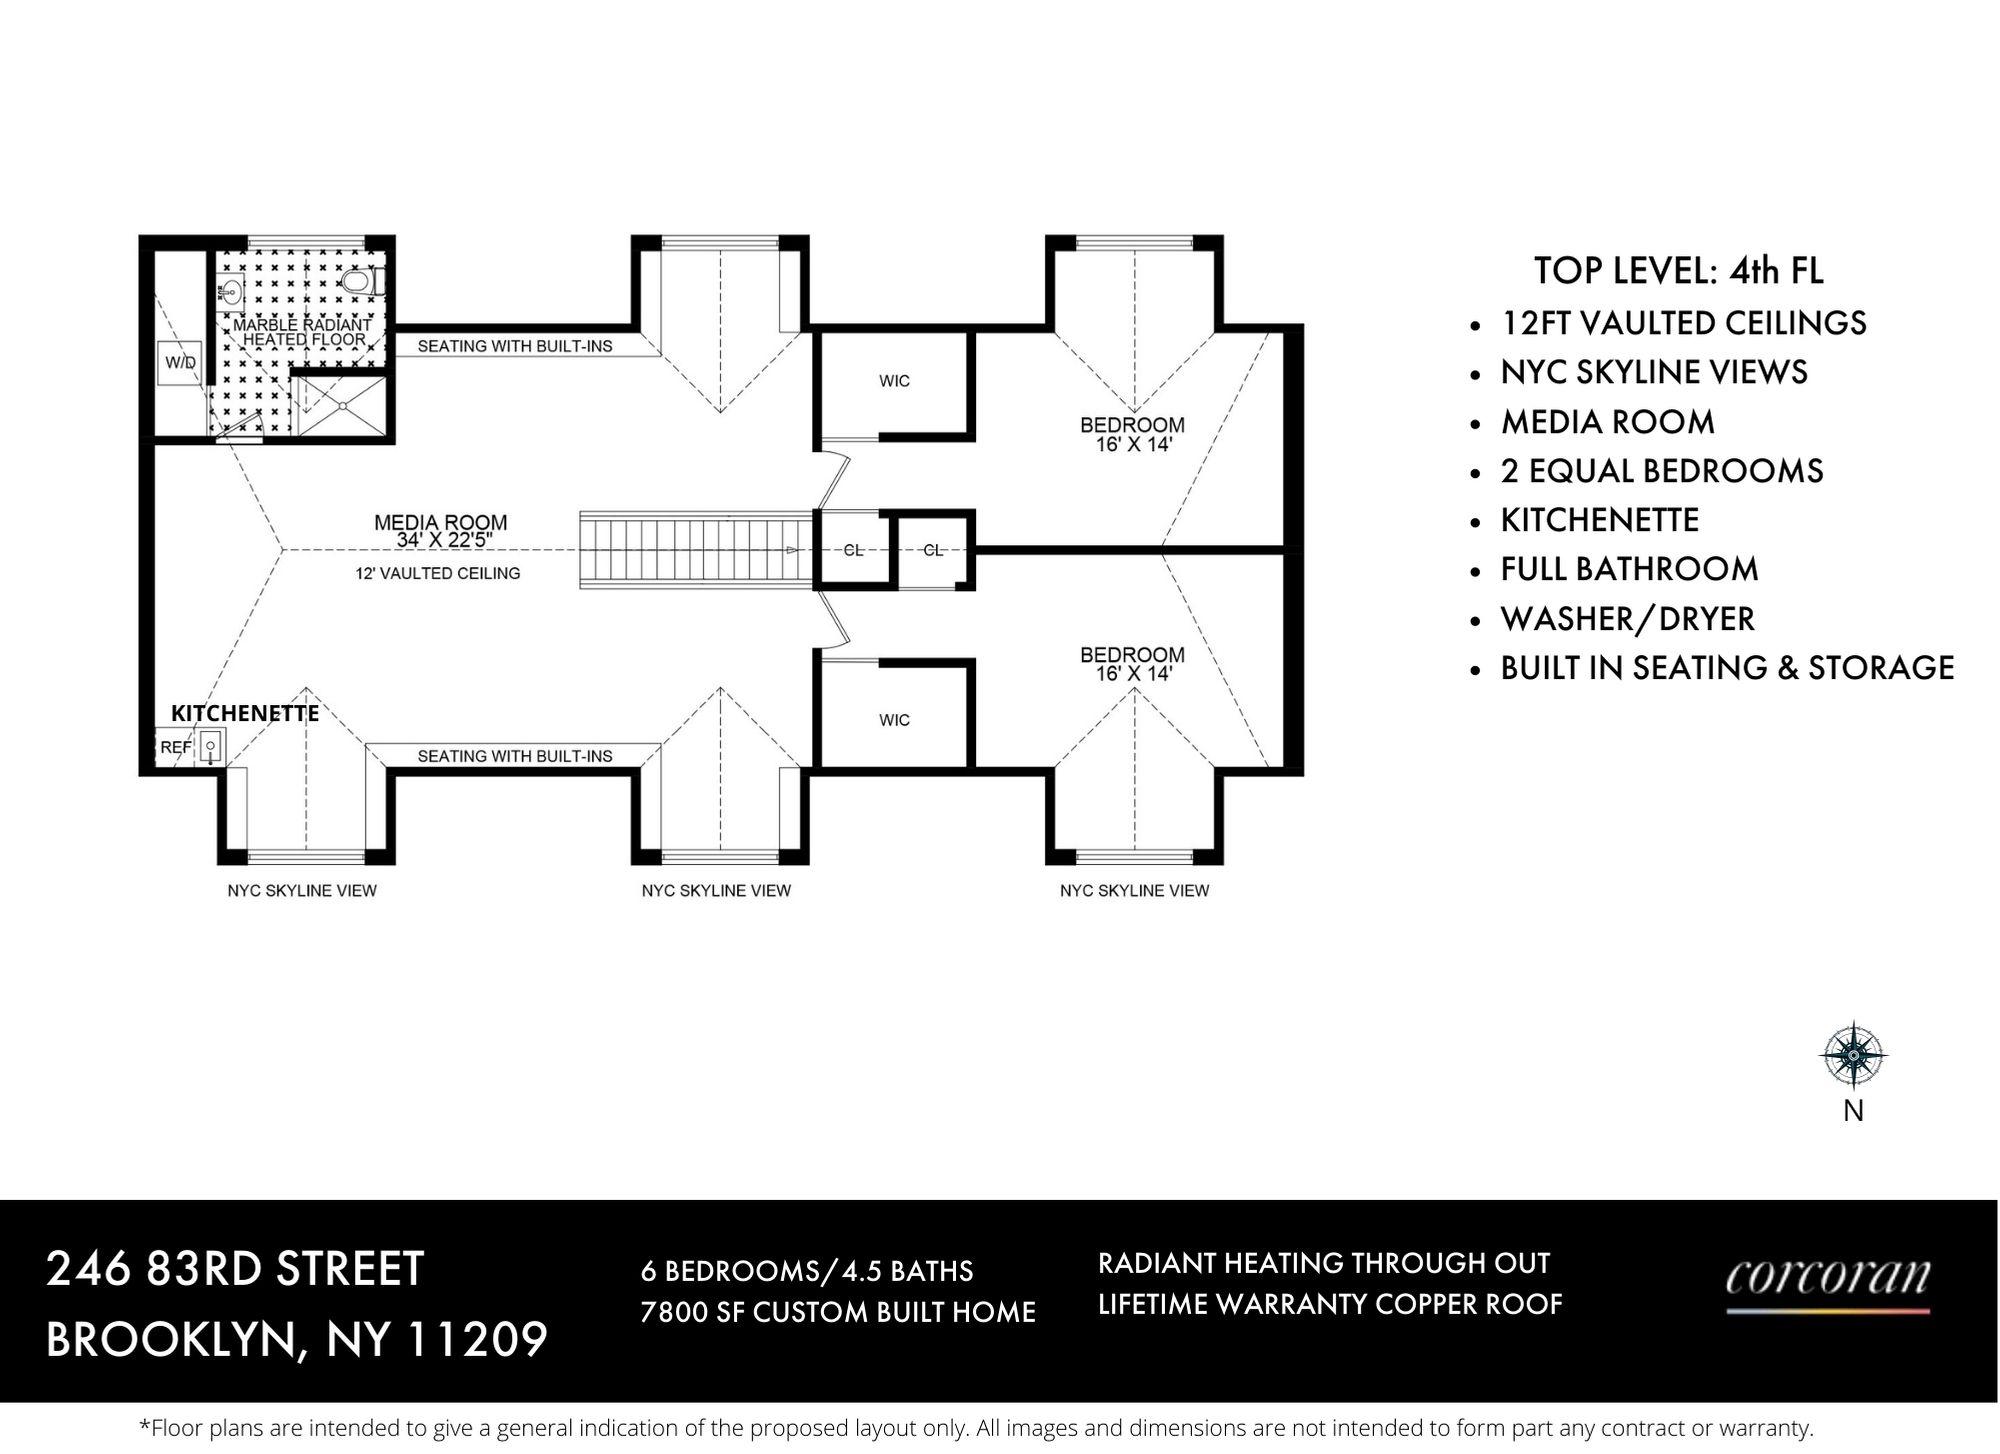 246 83rd Street Bay Ridge Brooklyn NY 11209